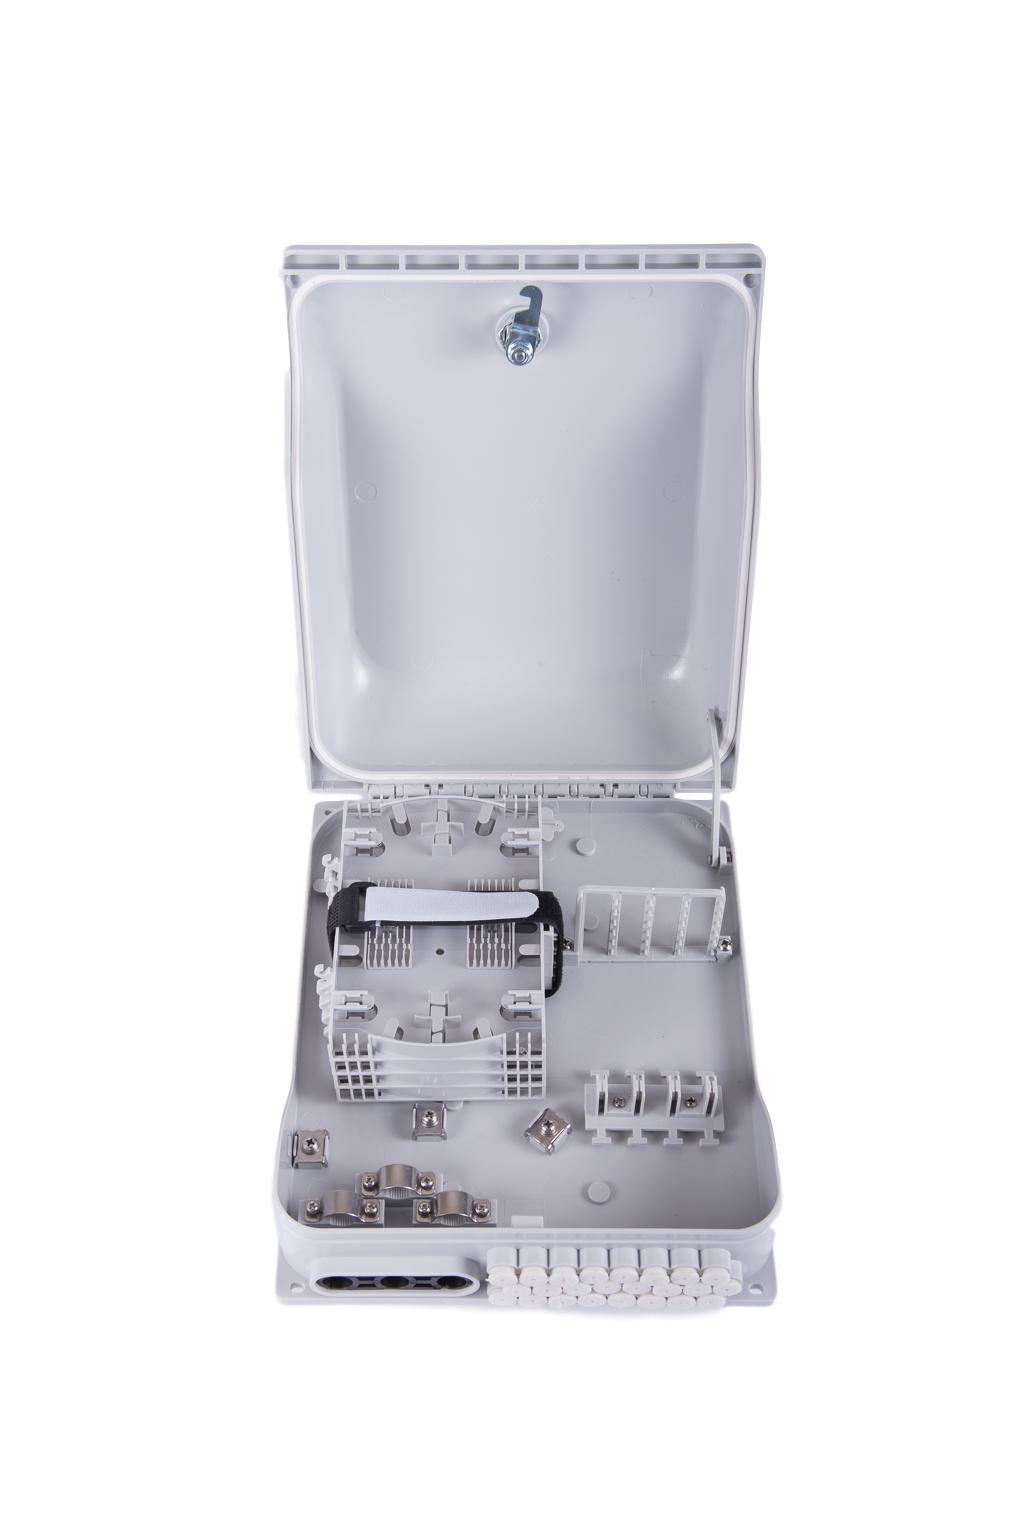 Lightspeed External Enclosure Casette F07 48 96f 24xlcd